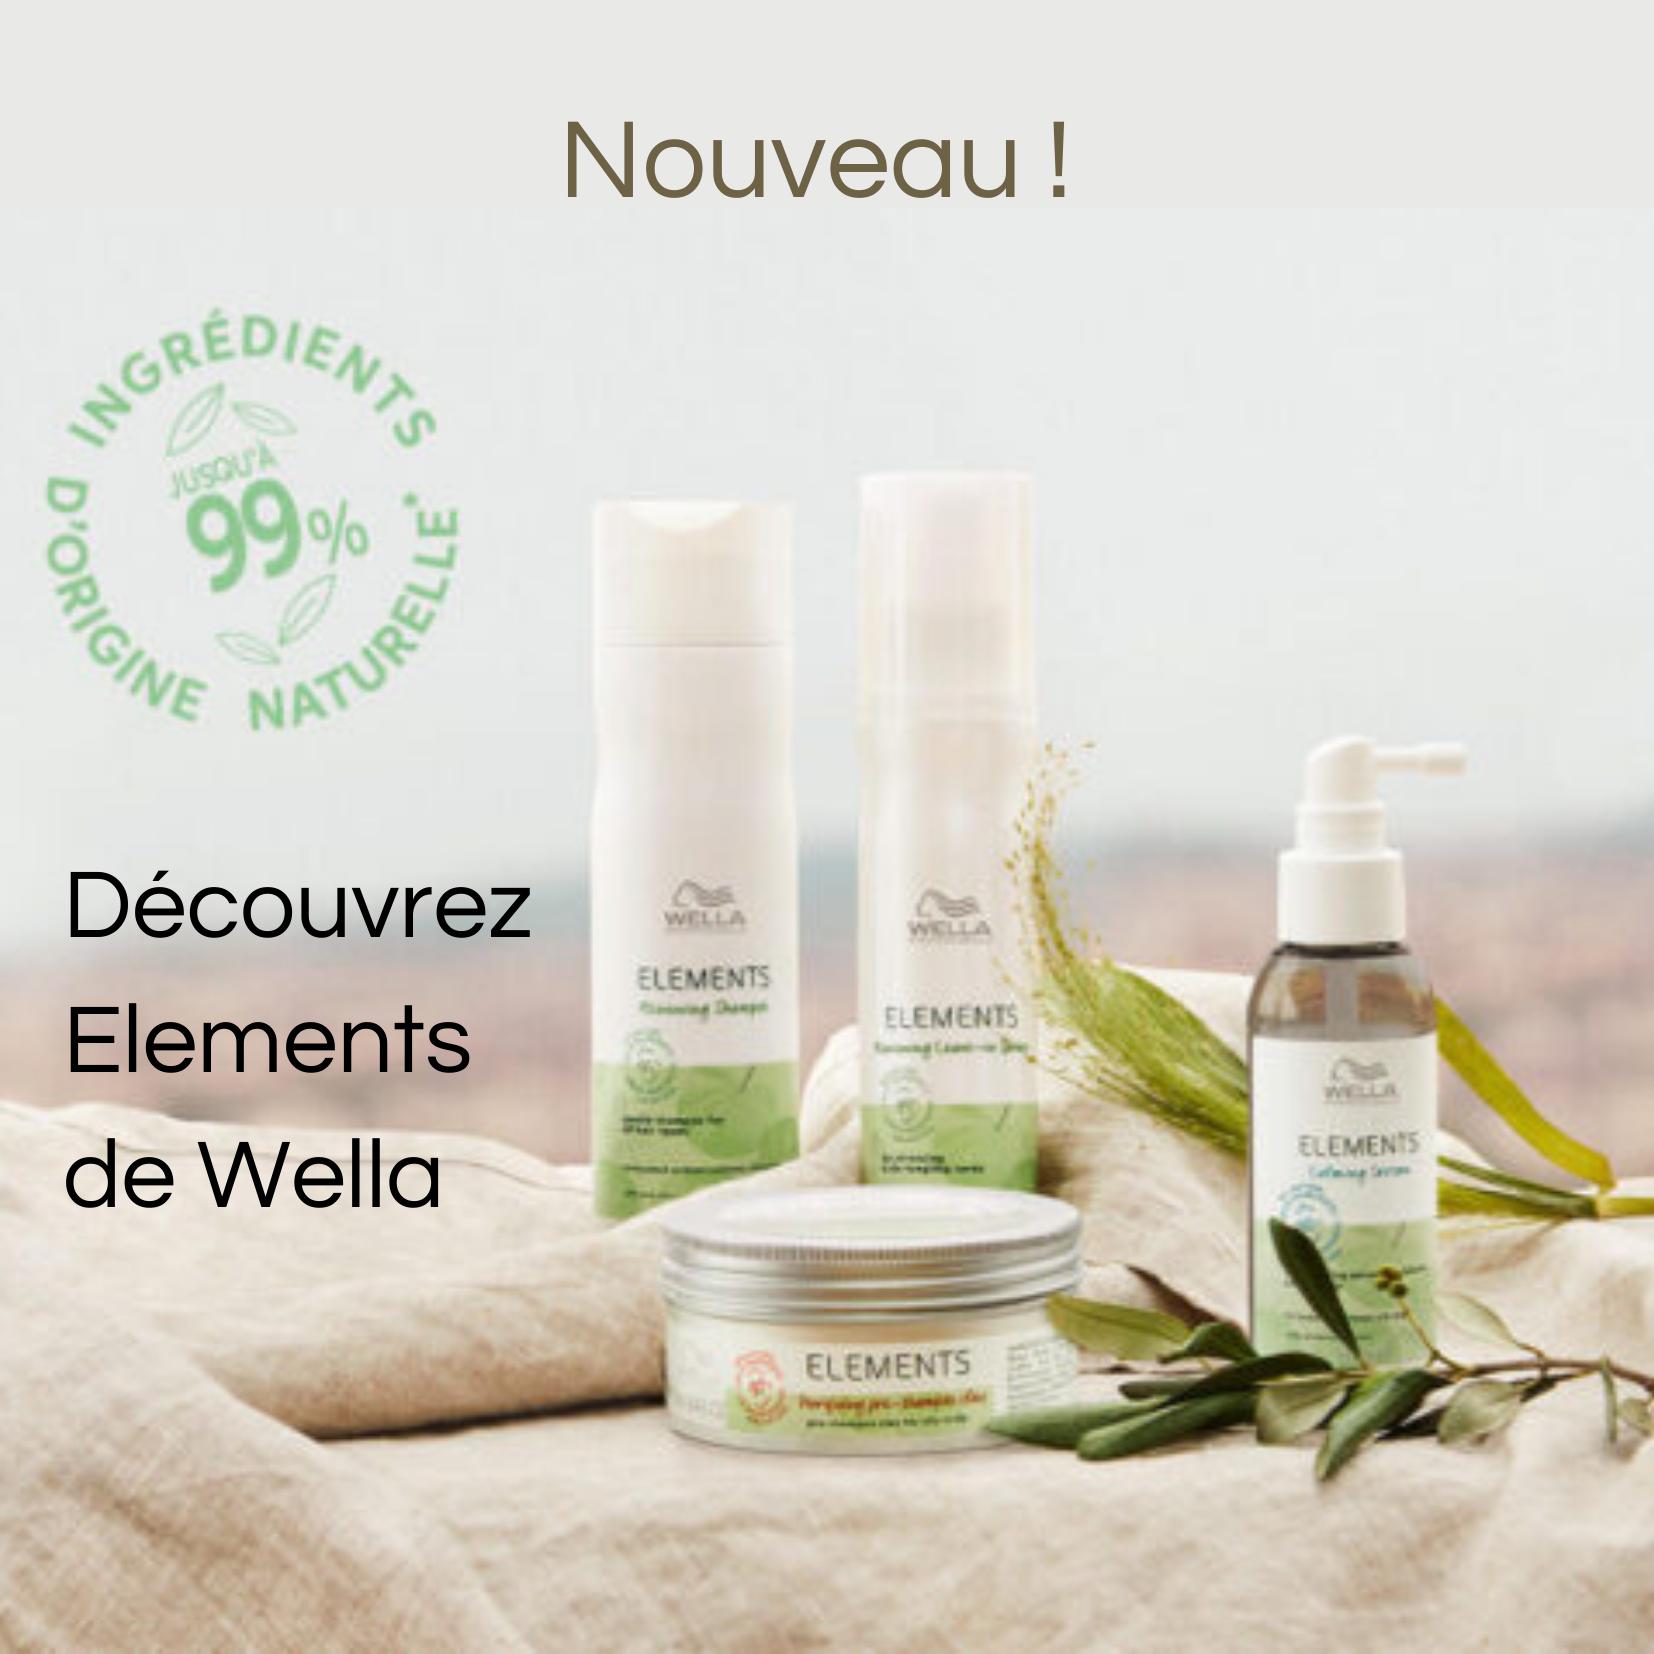 Elements de Wella